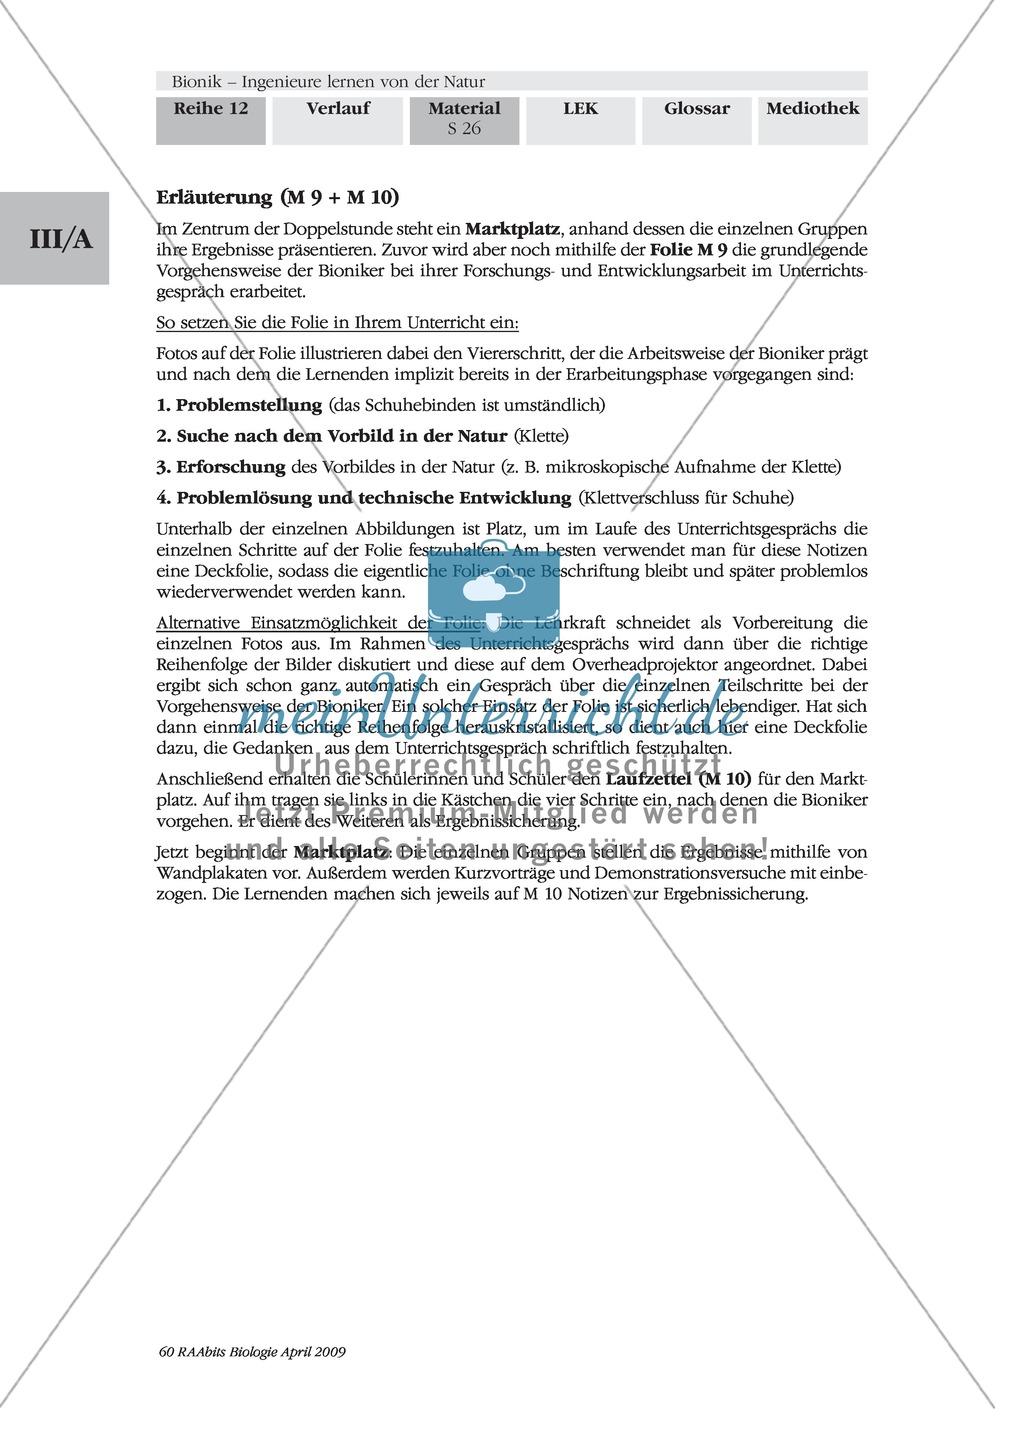 Bionik: Die Vorgehensweise der Bioniker am Beispiel der Erfindung des Klettverschlusses Preview 2